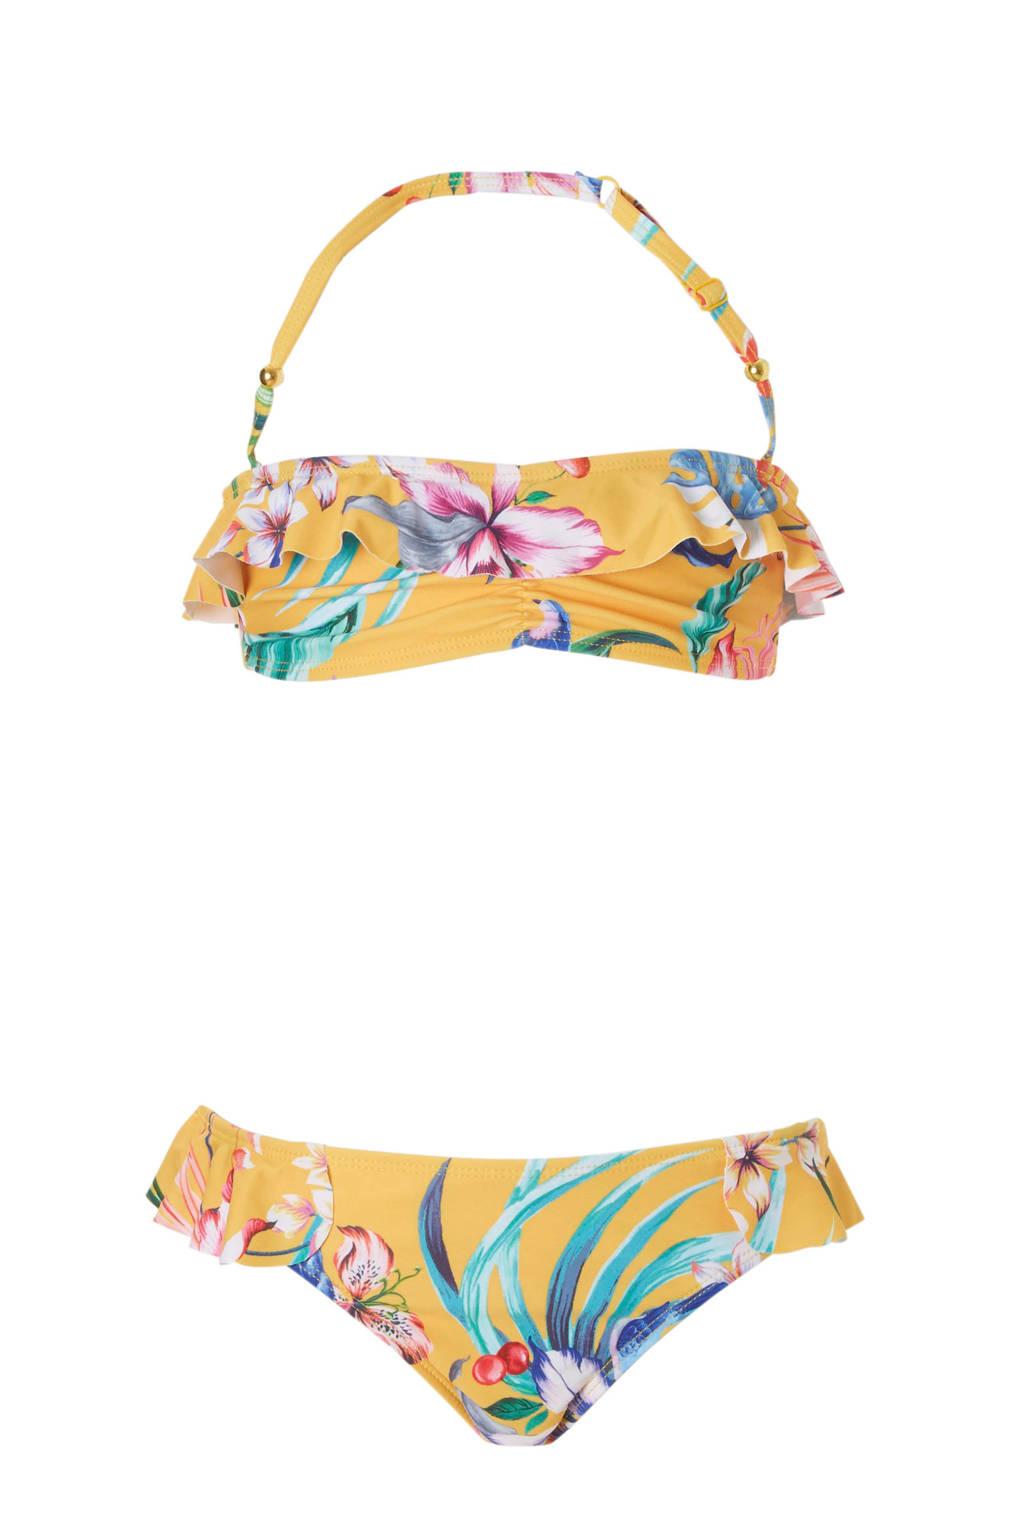 fc198a118214fa Shiwi bikini met all over print geel, geel/groen/wit